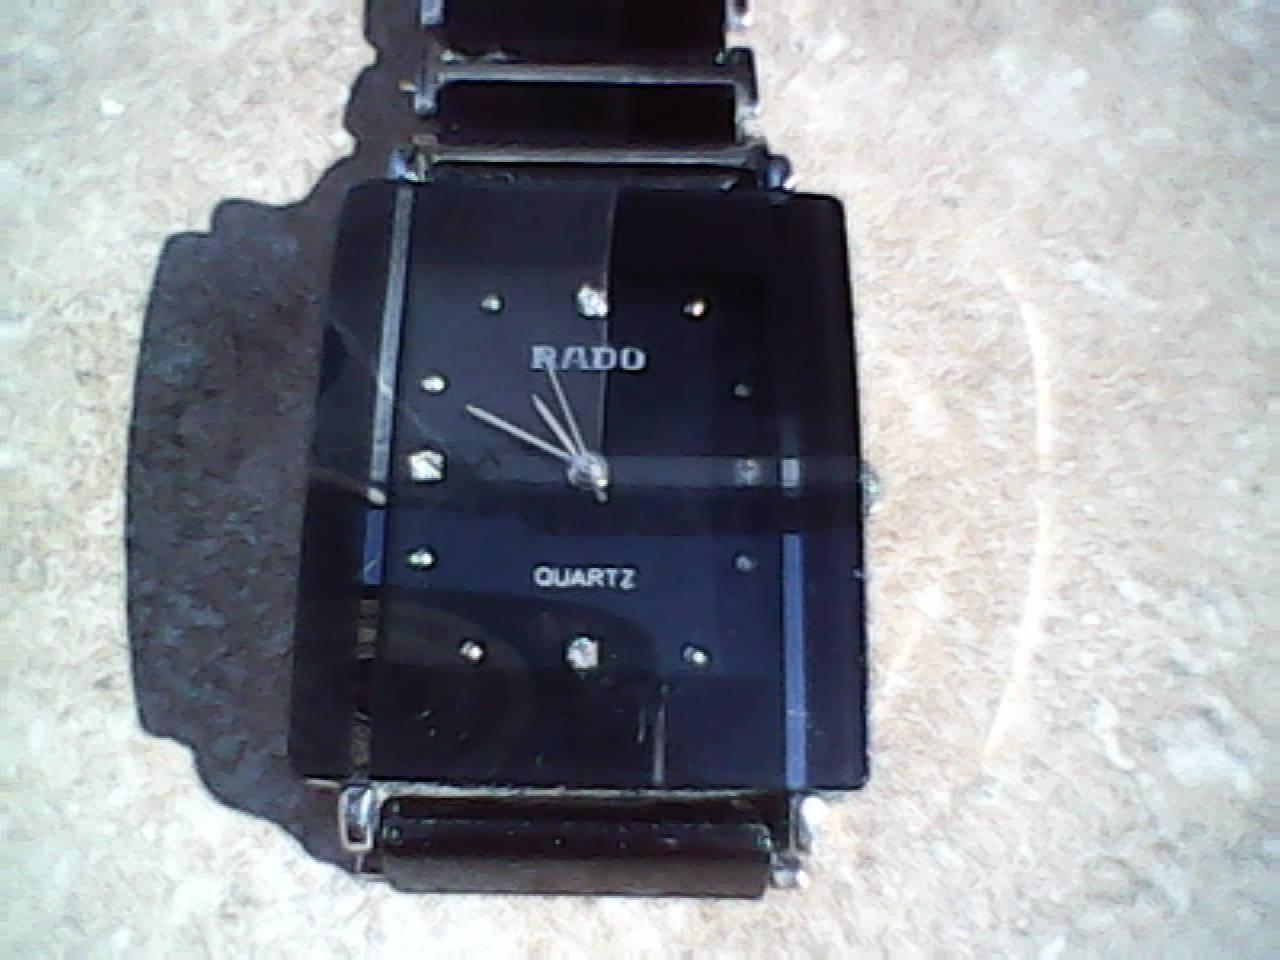 122baa0a555 Outro modelo de relógio da marca Rado.